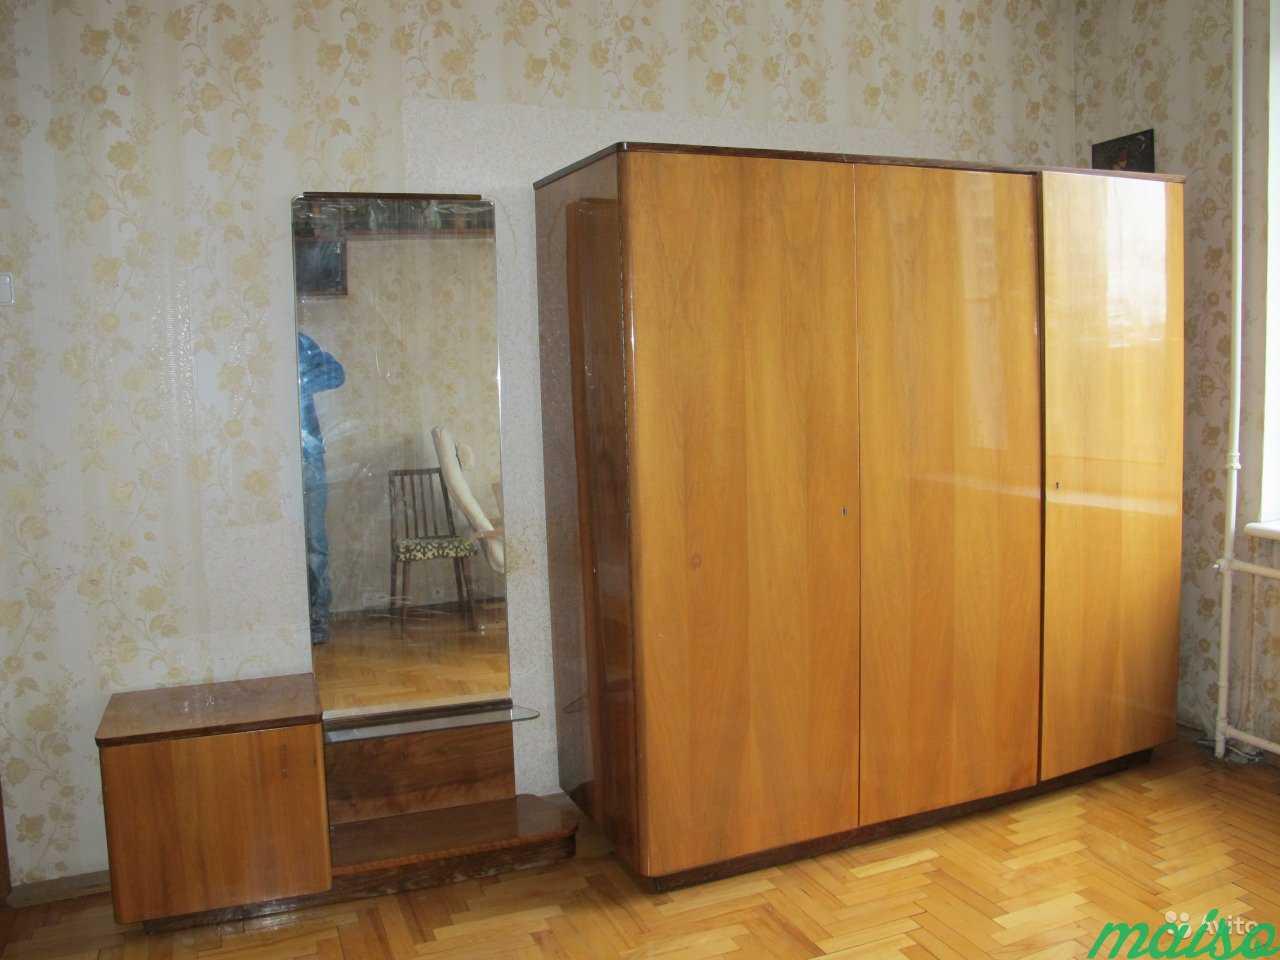 Шкаф и трюмо для спальной комнаты (Польша) в Москве. Фото 5